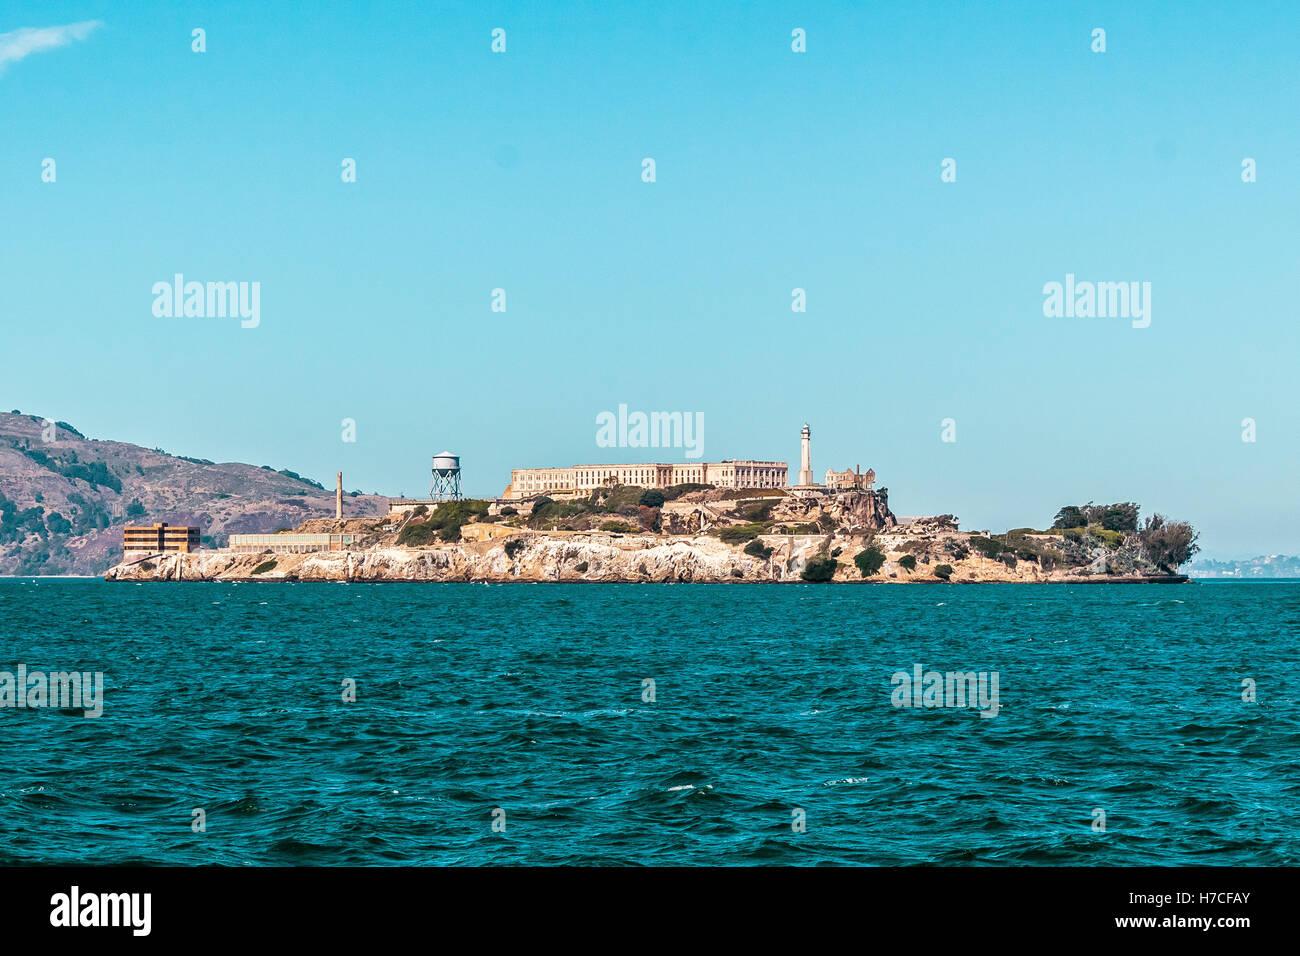 Photo of Alcatraz Prison in San Francisco, California - Stock Image